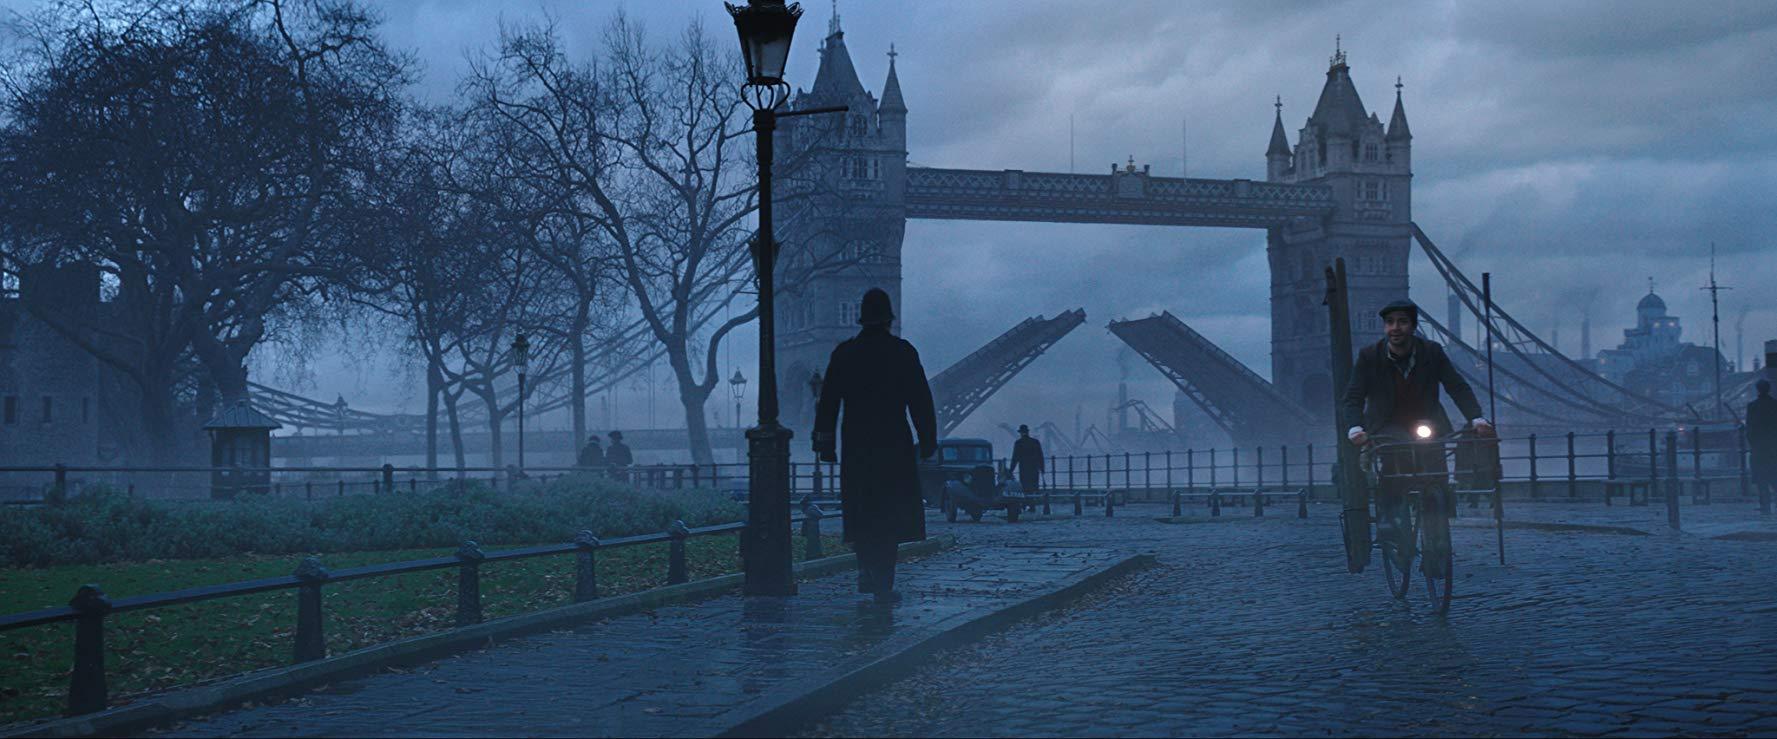 런던 브리지 타워 브리지-Mary Poppins의 귀환